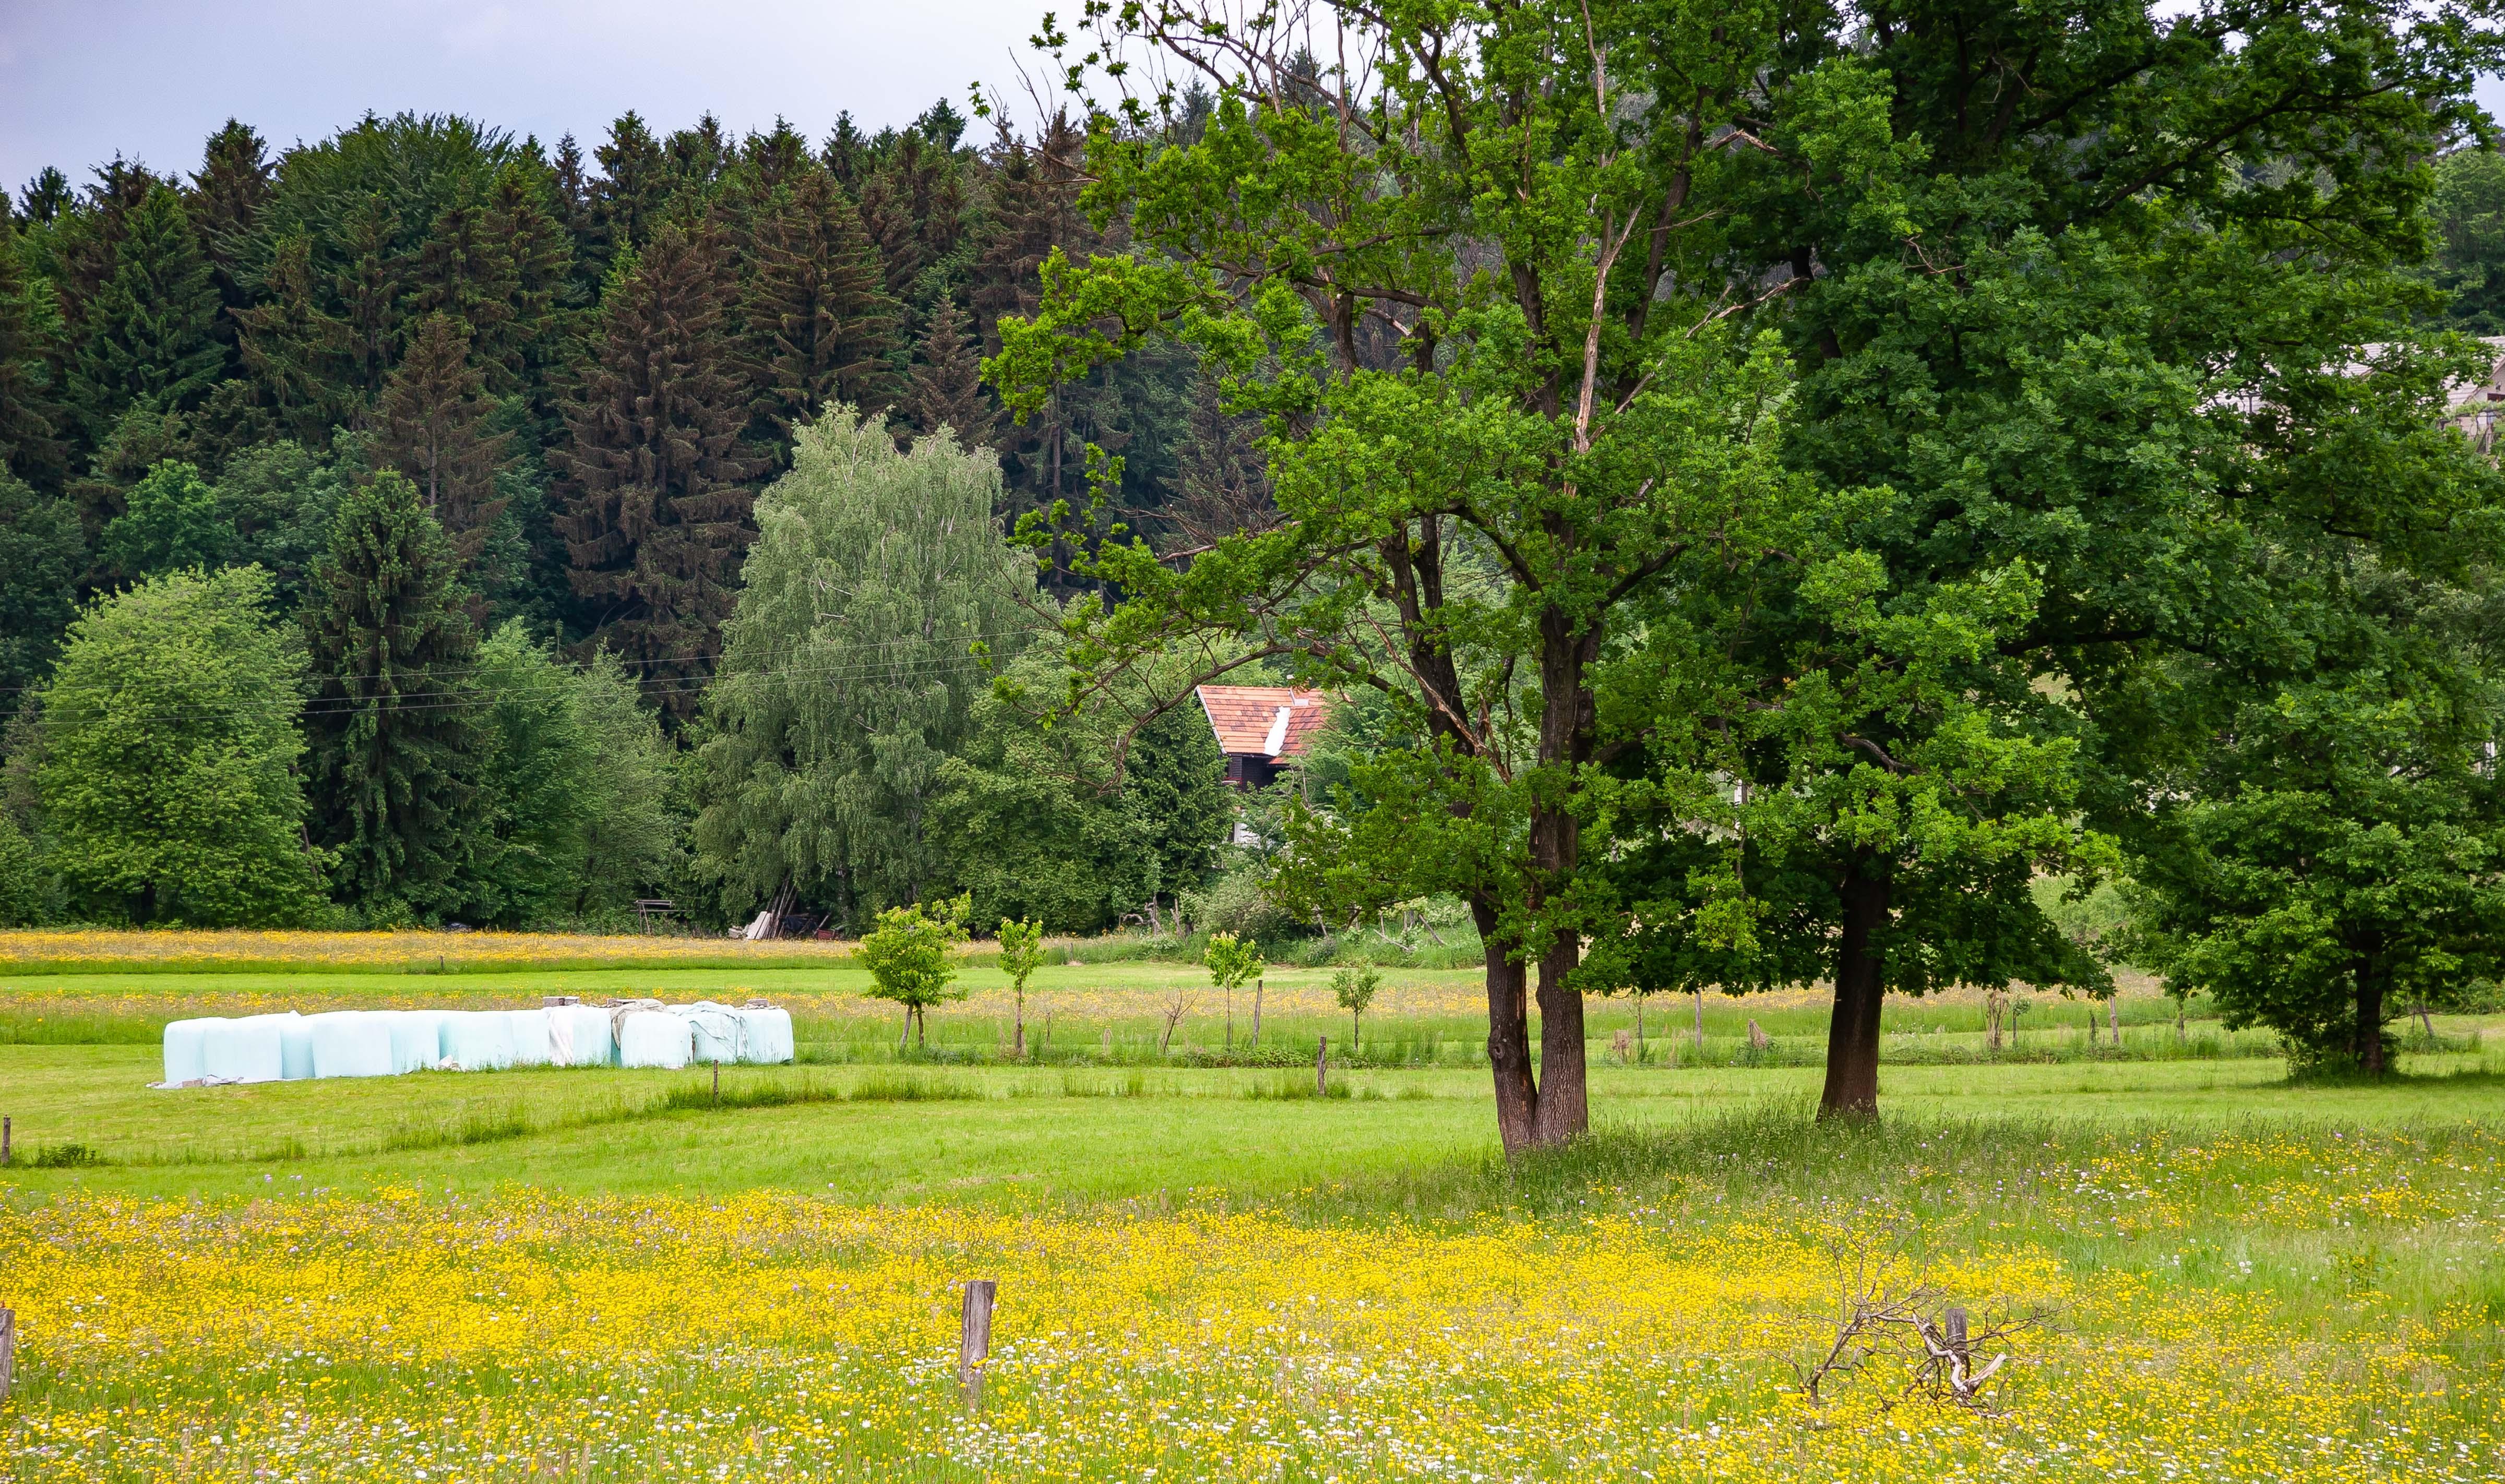 Slovenia, Braslovce Prov, Farm, 2006, IMG 8162